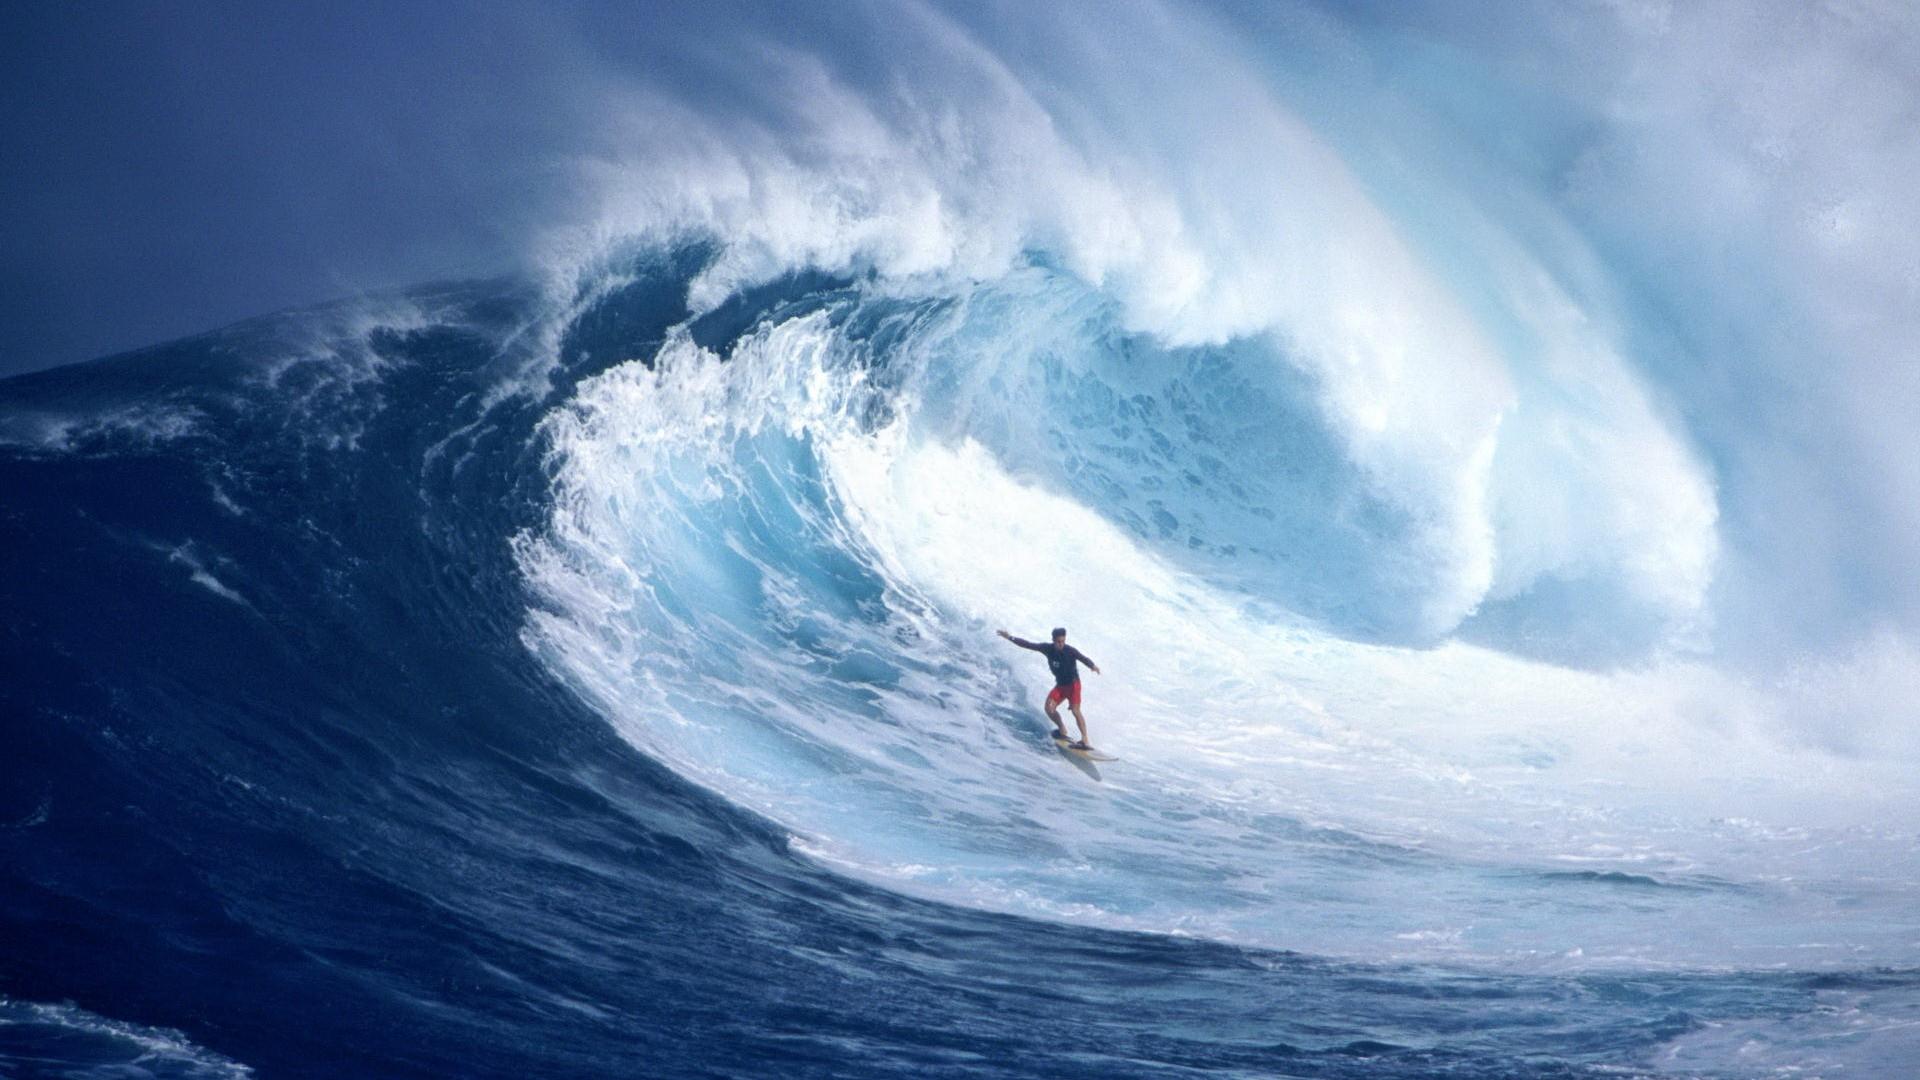 Surf Fondo De Pantalla Hd Fondo De Escritorio 1920x1080